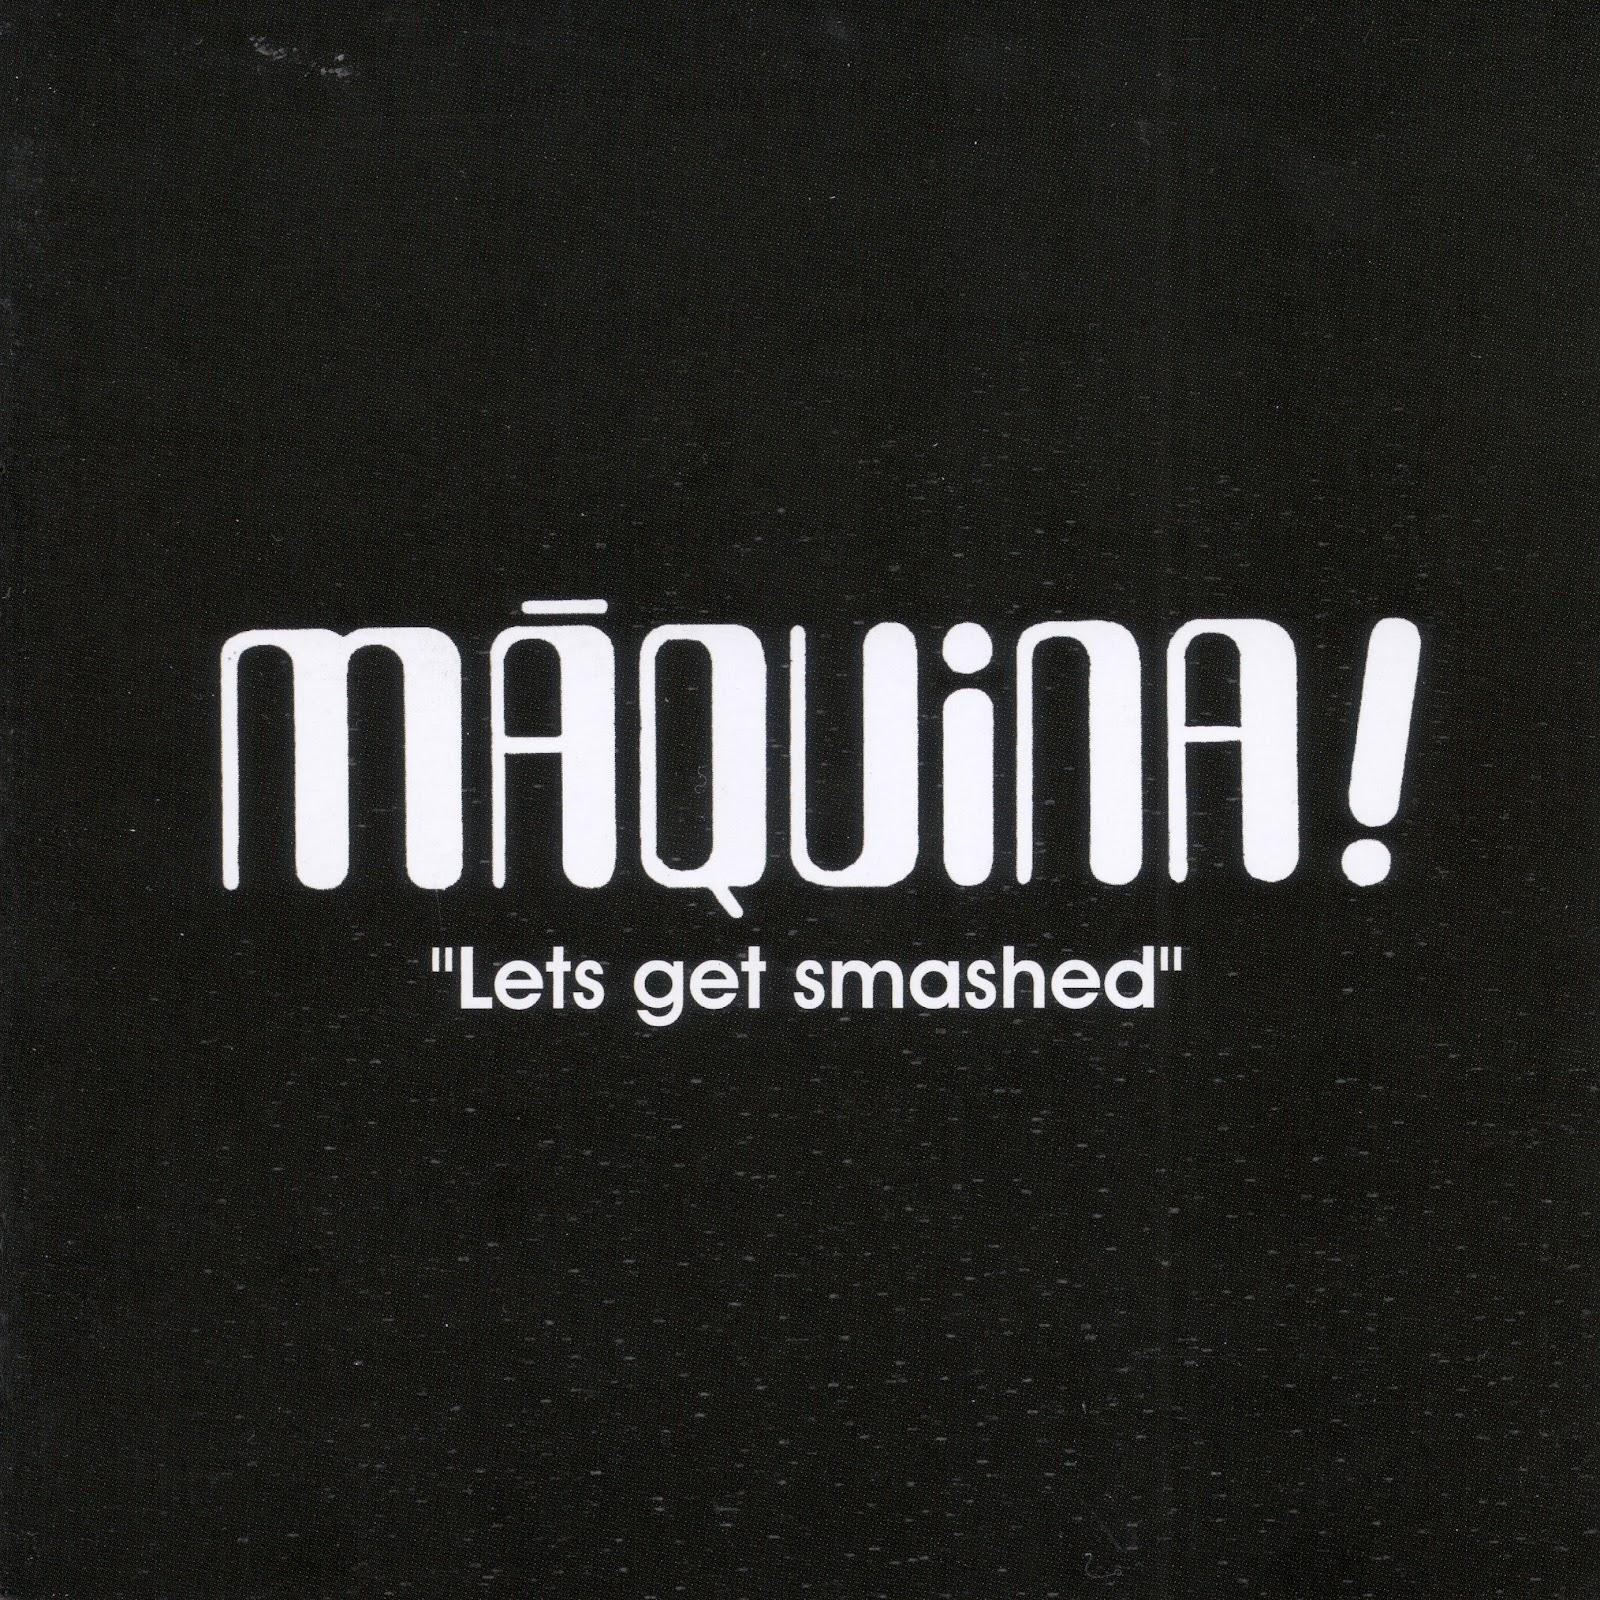 Máquina! - Lets Get Smashed (2010 spanish, fantastic progressive